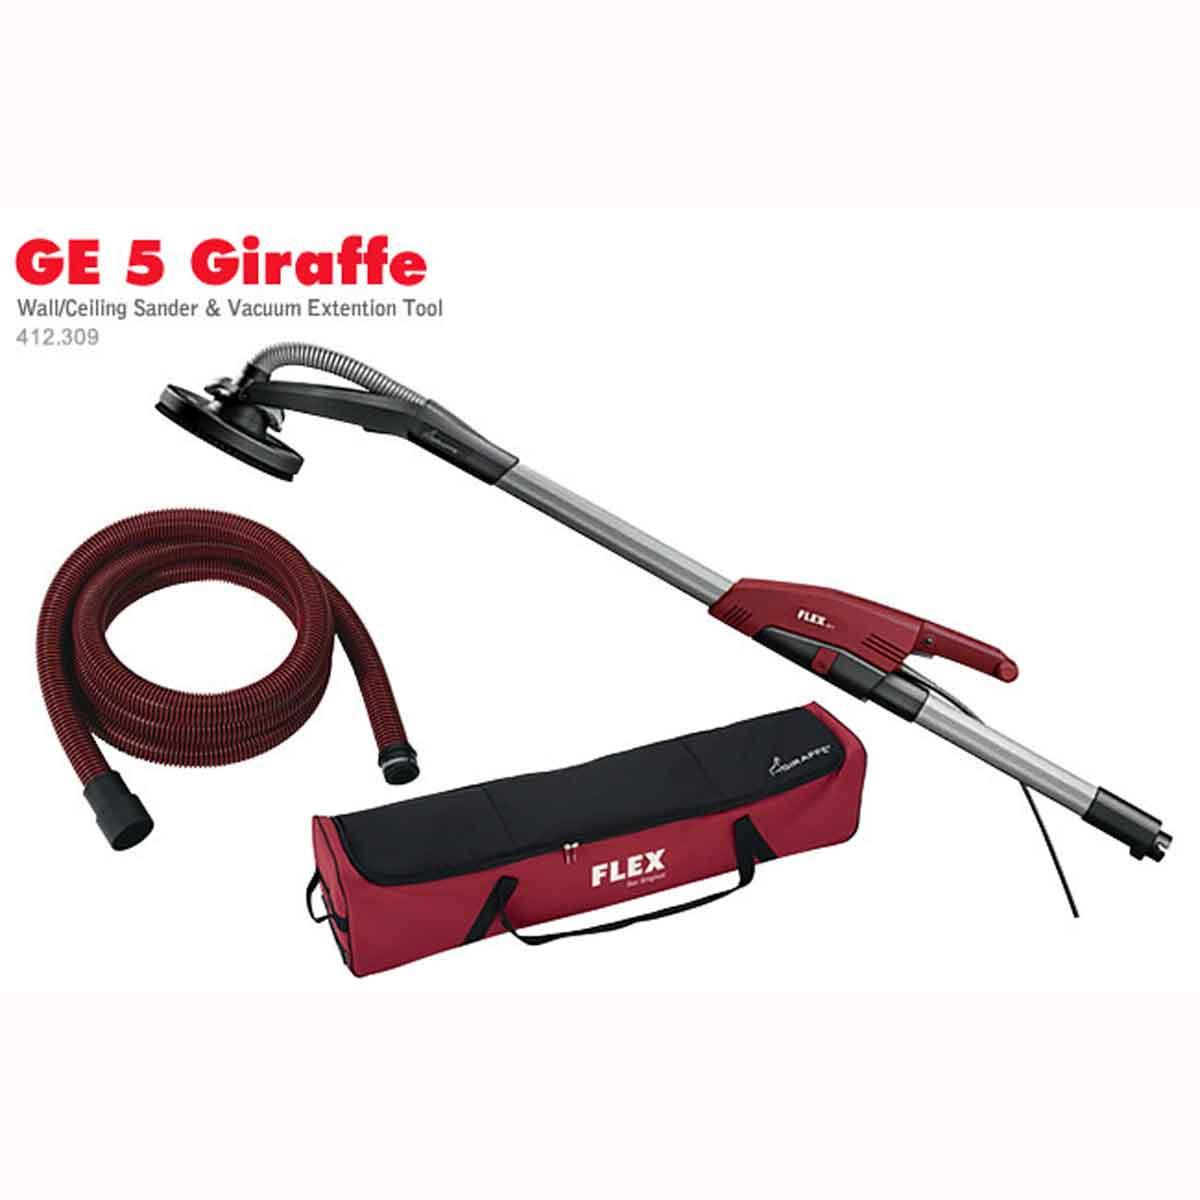 Flex Giraffe sander tool hose bag